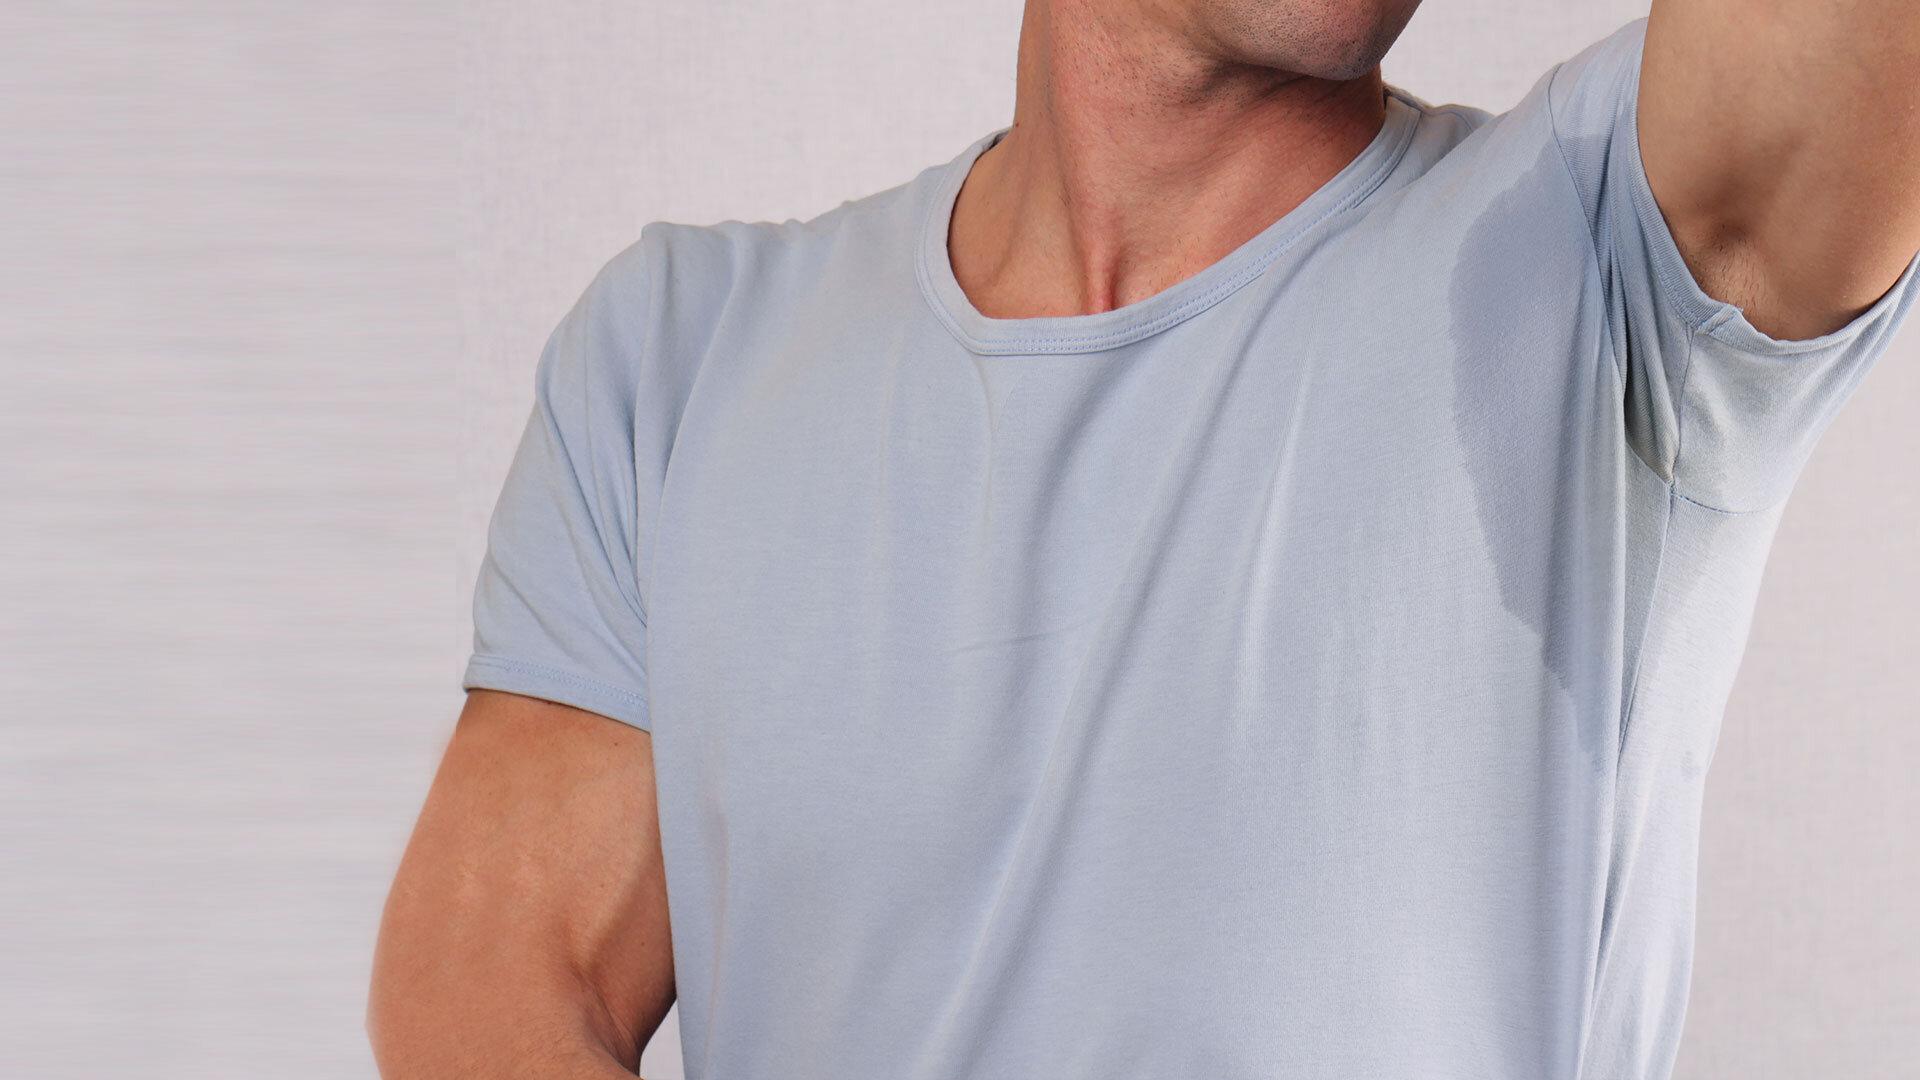 Hyperhidrose behandeln » Schweißdrüsenentfernung | NOAHMEN